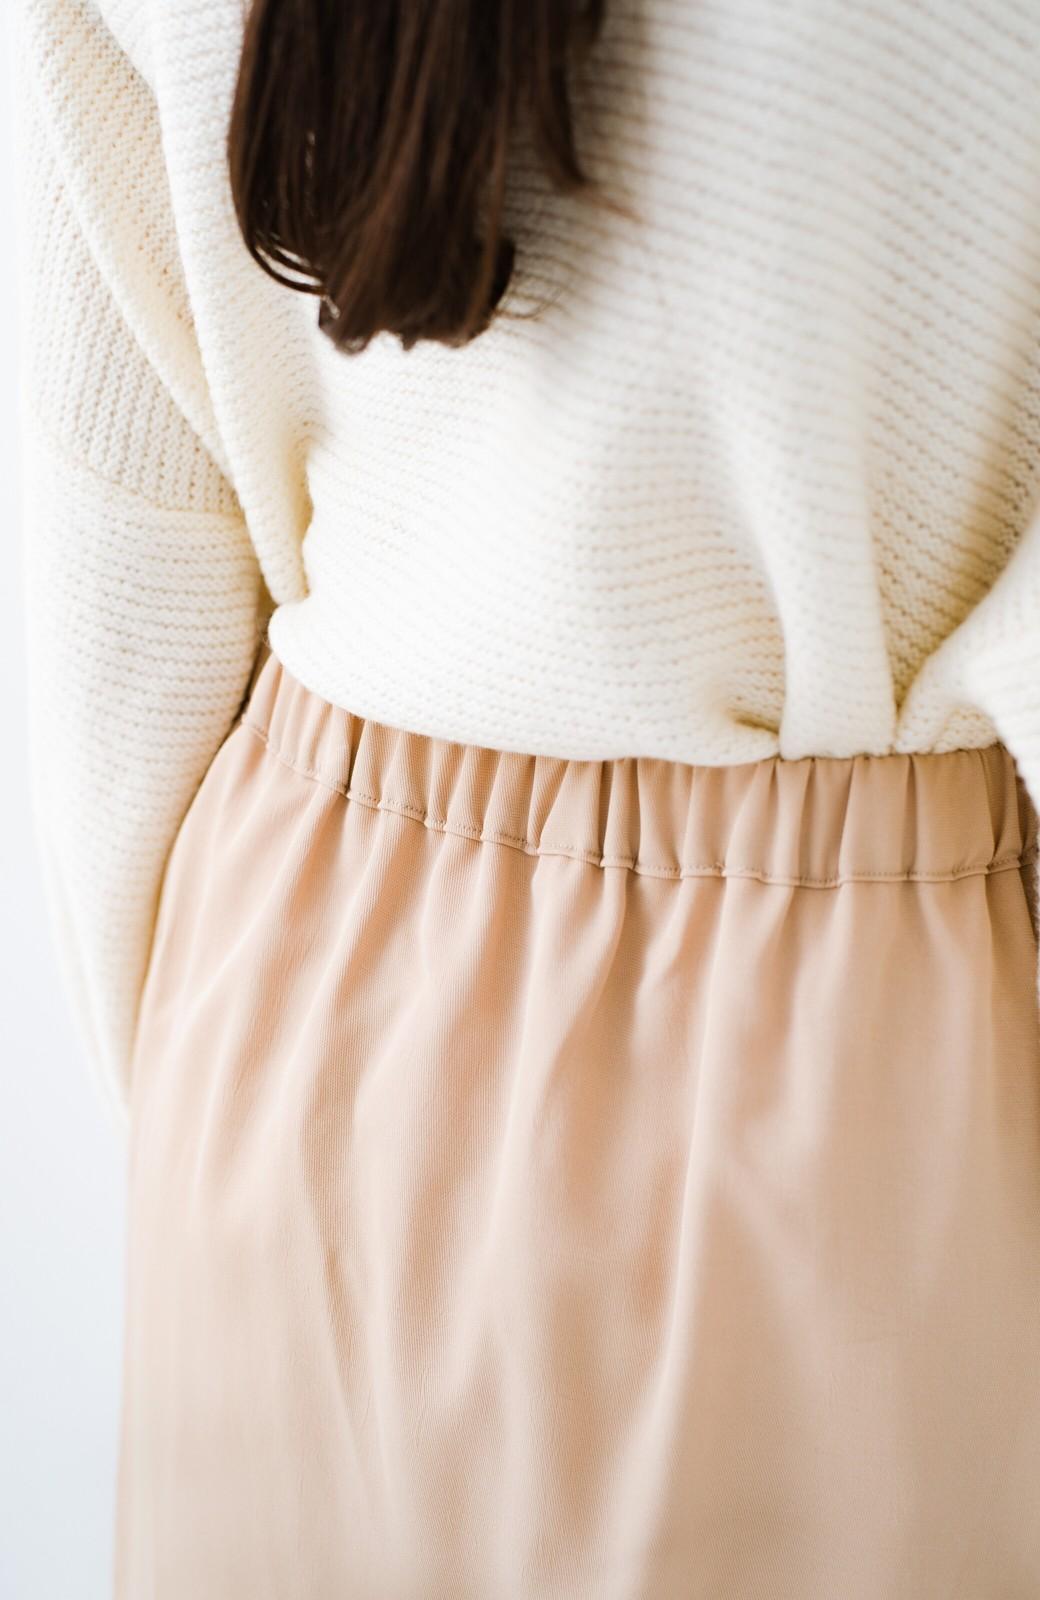 haco! 【旅の救世主】裏も表も重ね着も!着こなし自由自在なチュールリバーシブルスカート <ベージュ系その他>の商品写真15